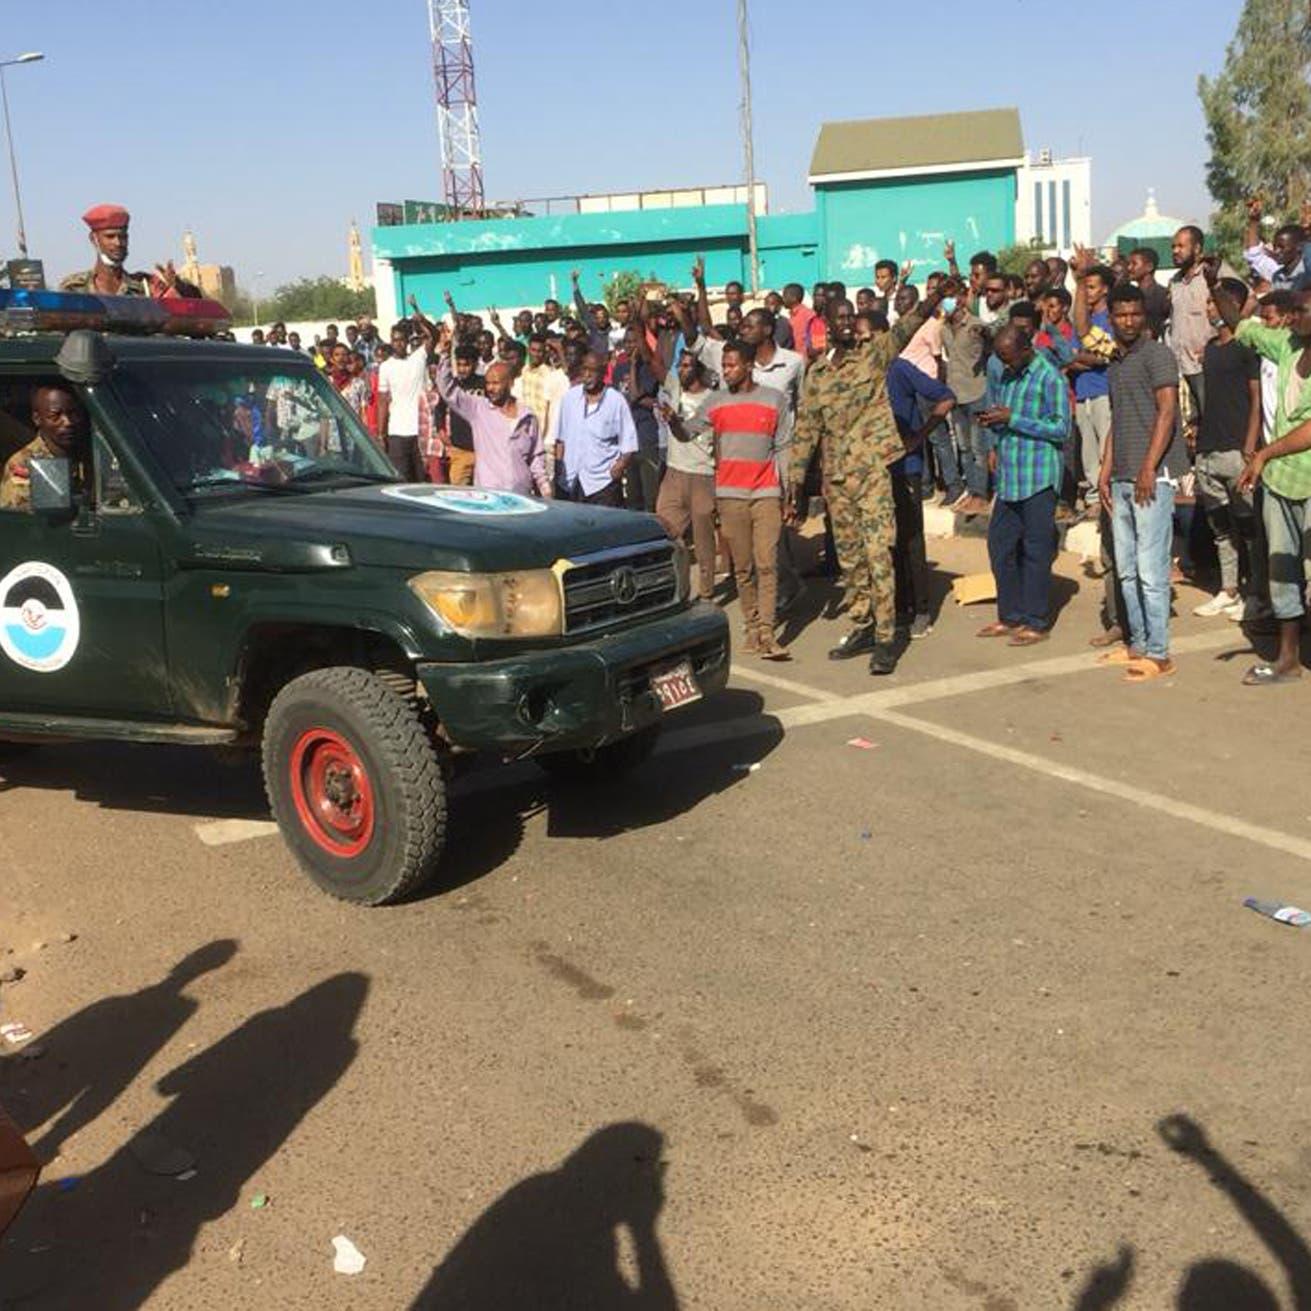 السودان.. الأمن يحاول فض اعتصام والجيش يتدخل